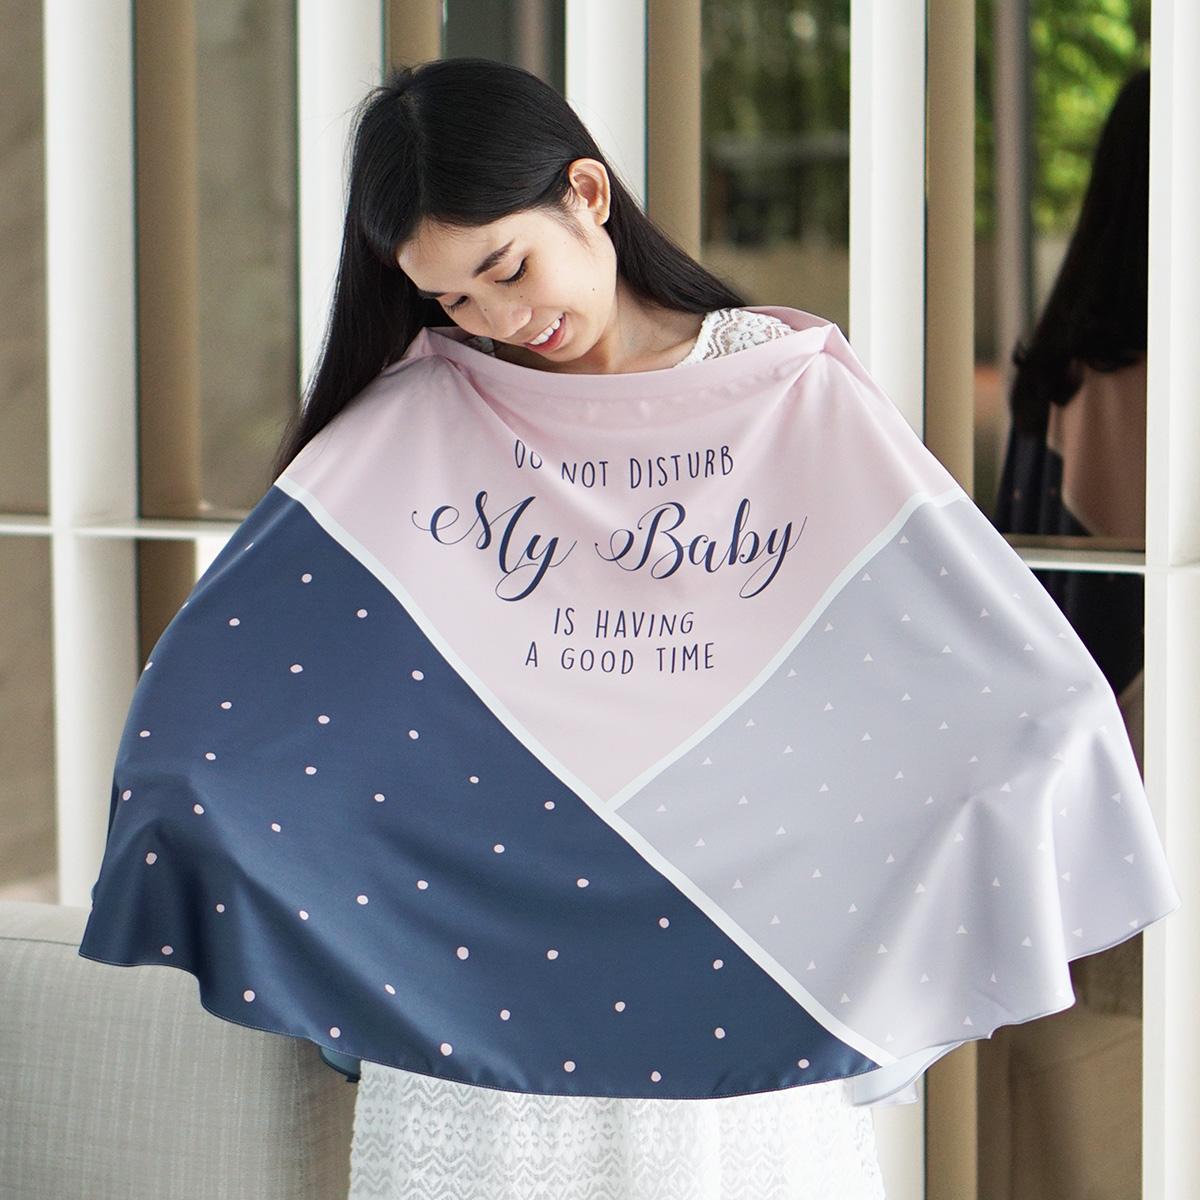 ผ้าคลุมให้นม สั่งทำใส่ชือ ลาย Triangle - Pink/Grey/Navy